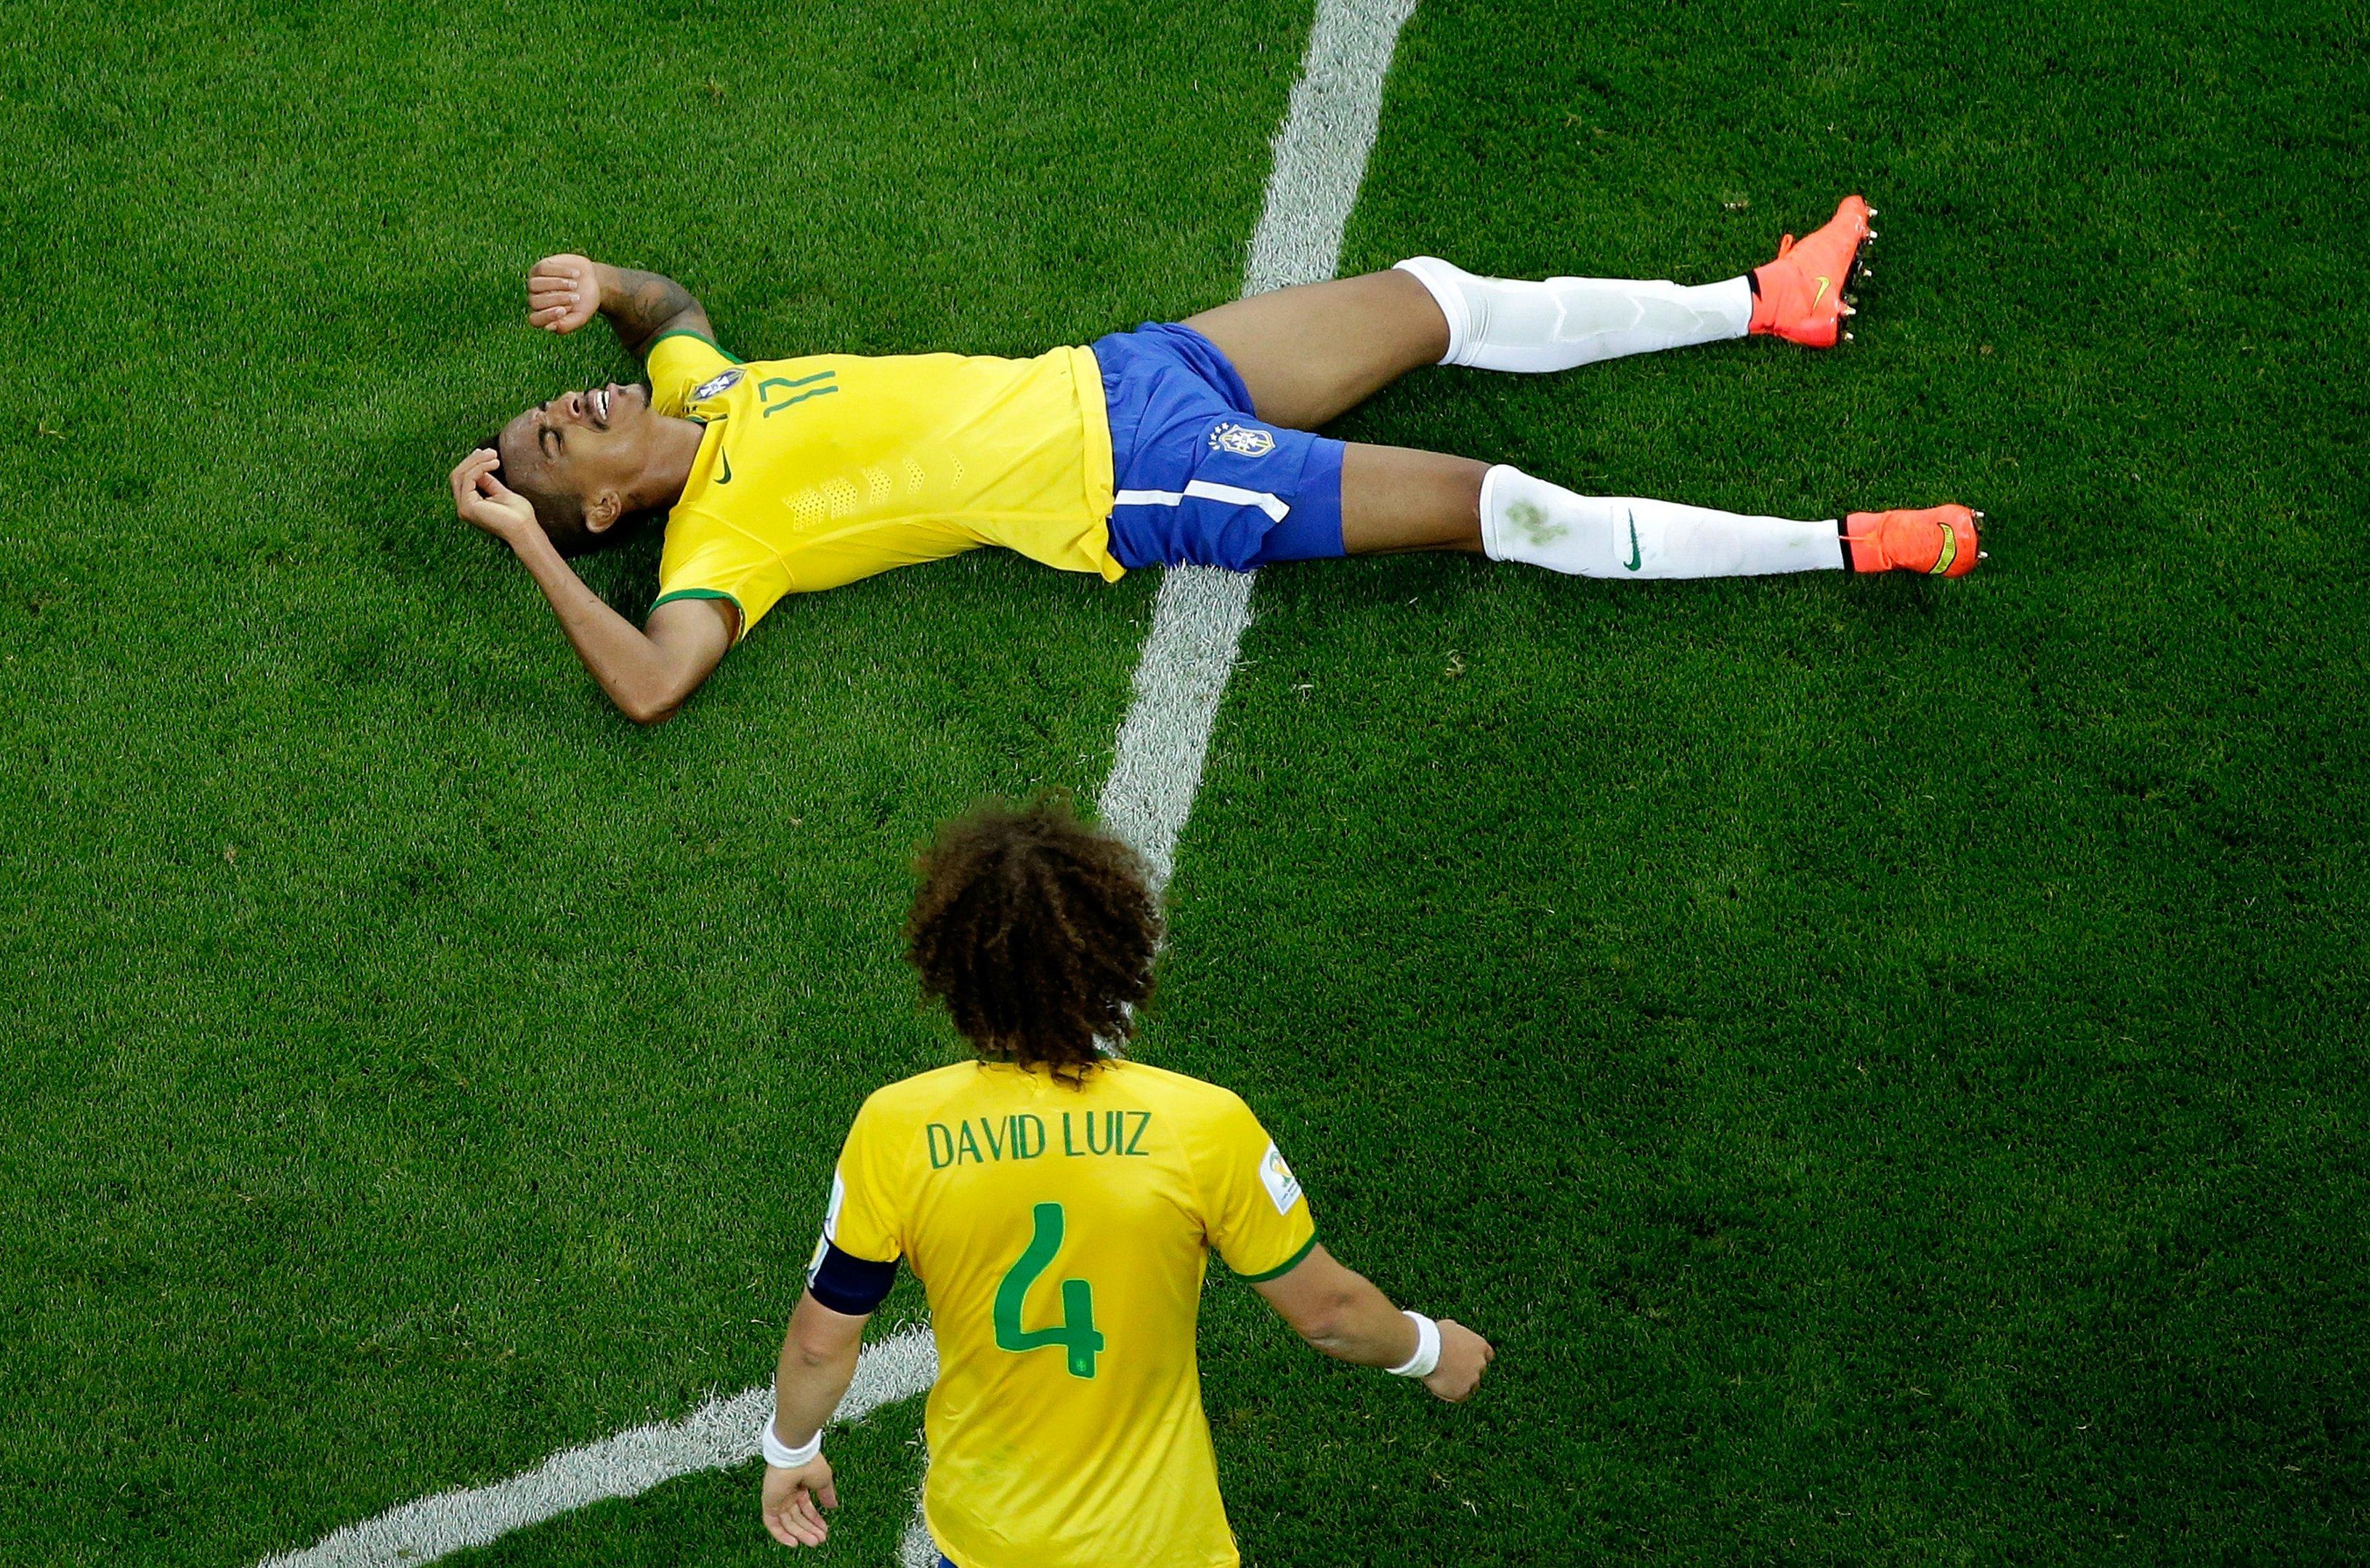 La apabullante derrota ante Alemania quedará grabada en la historia del fútbol brasileño.